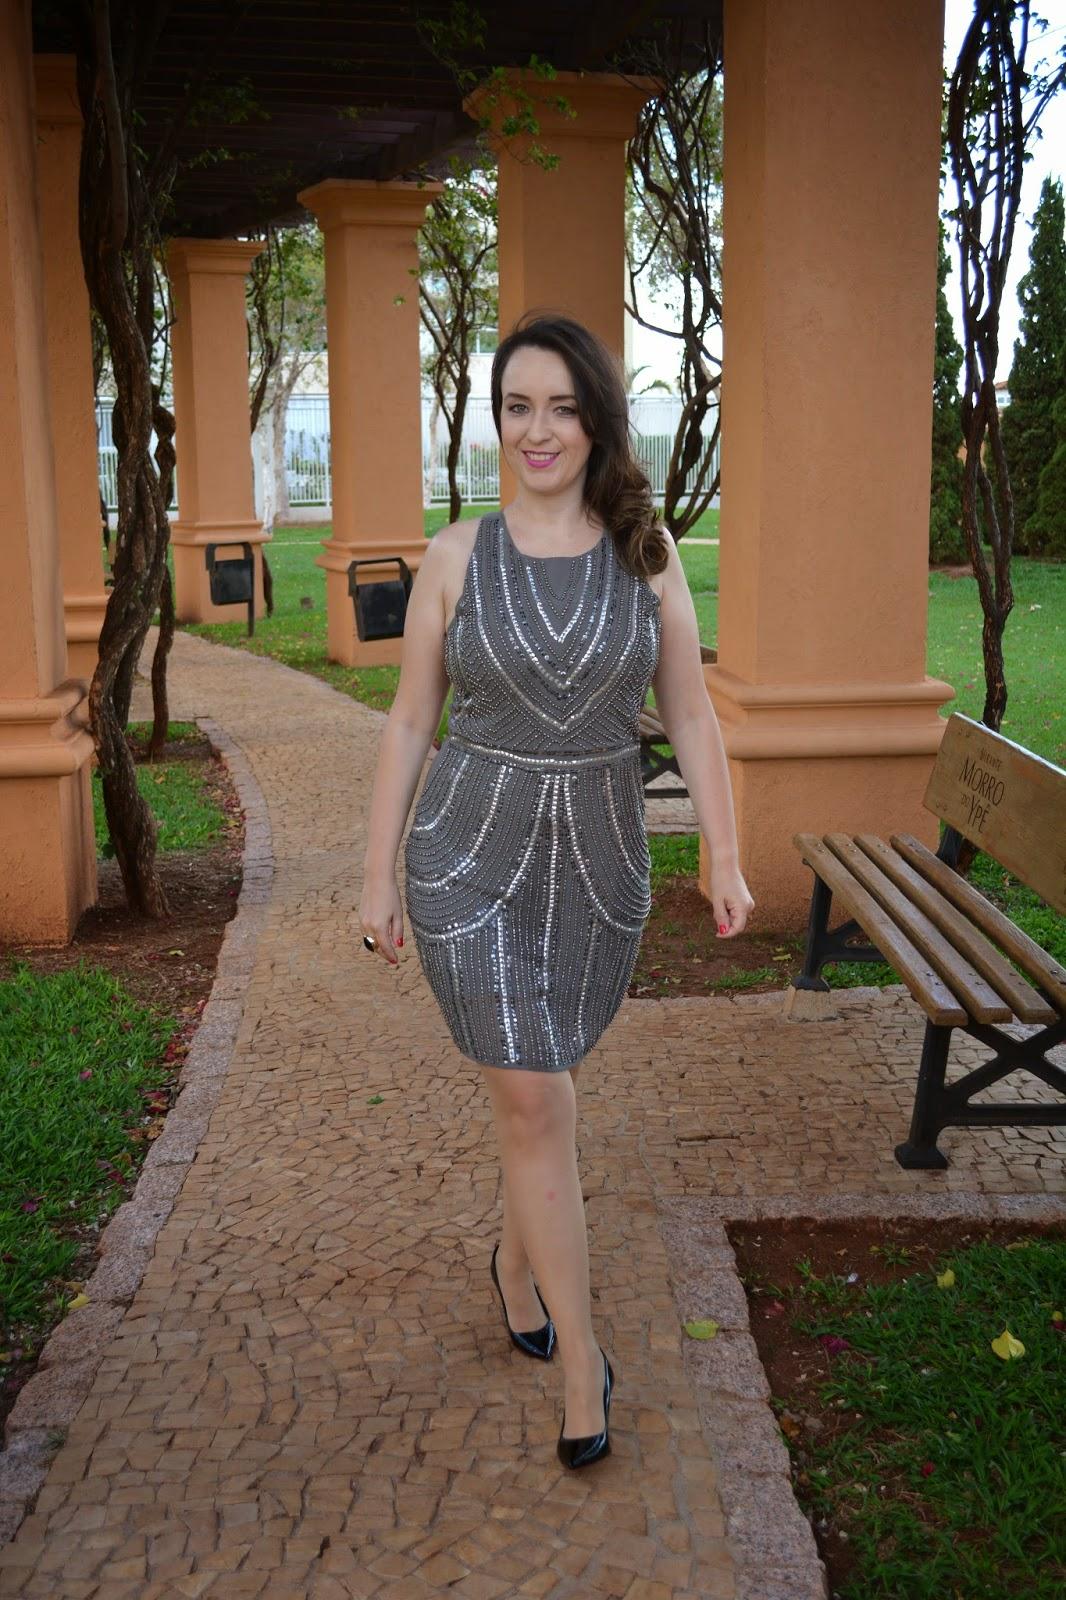 vestido bordado, vestido noite, look do dia, look da noite, du jour, vestido com pedrarias, blog camila andrade, blog de moda de ribeirão preto, fashion blogger, pamela zanandrea